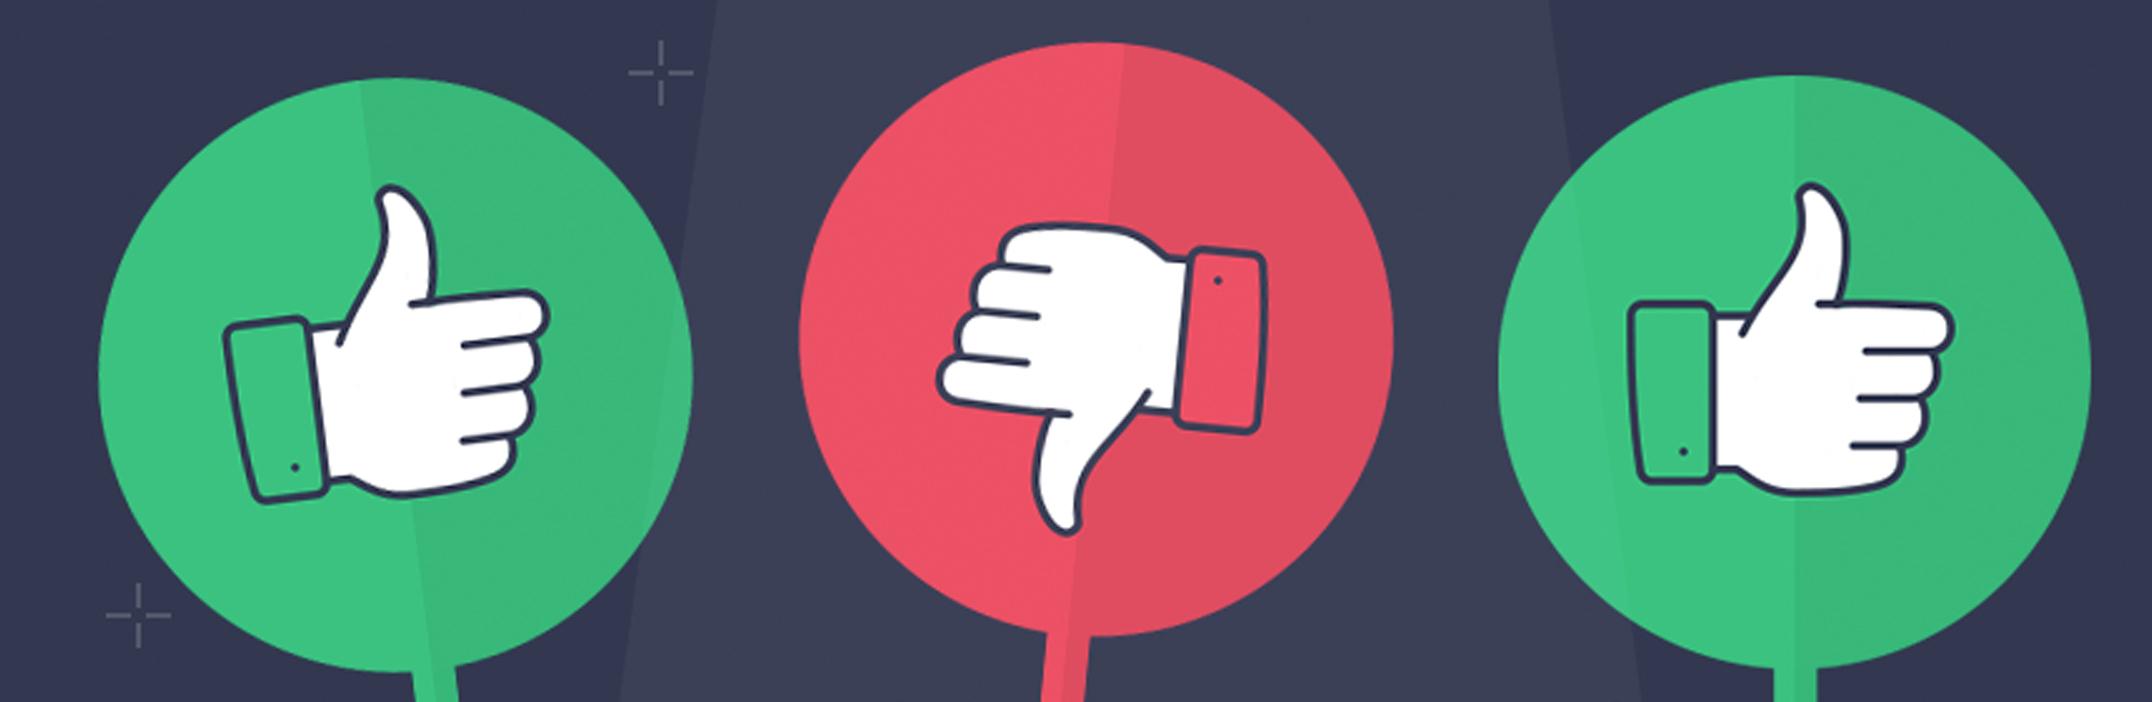 mauvais avis en ligne negatif